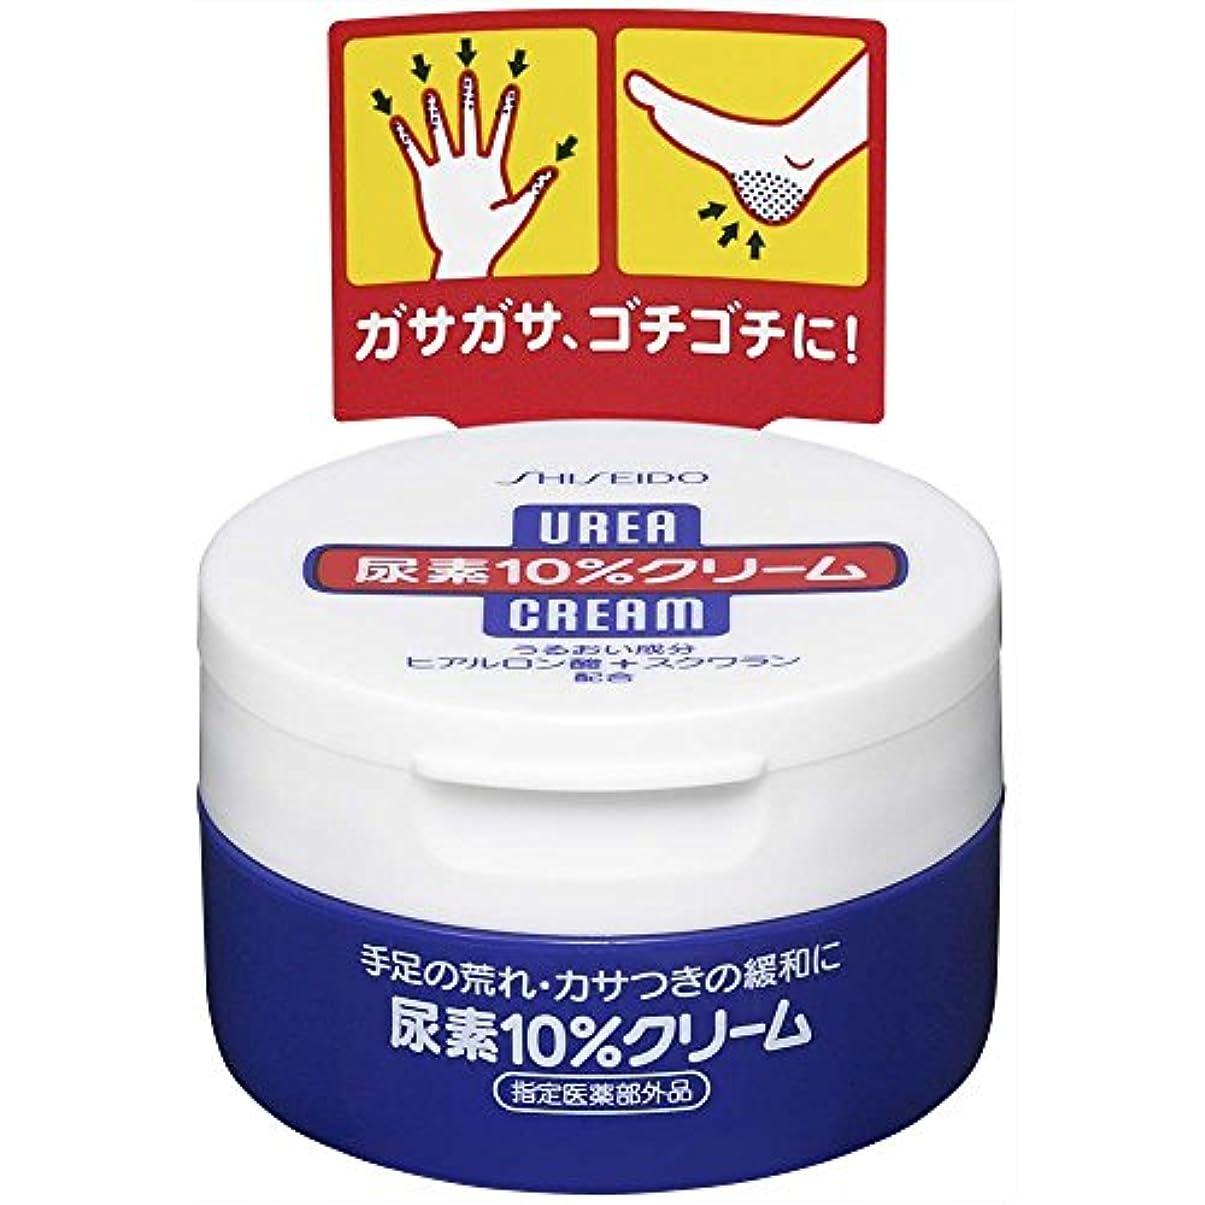 部屋を掃除する耐える笑い尿素10% クリーム 100g